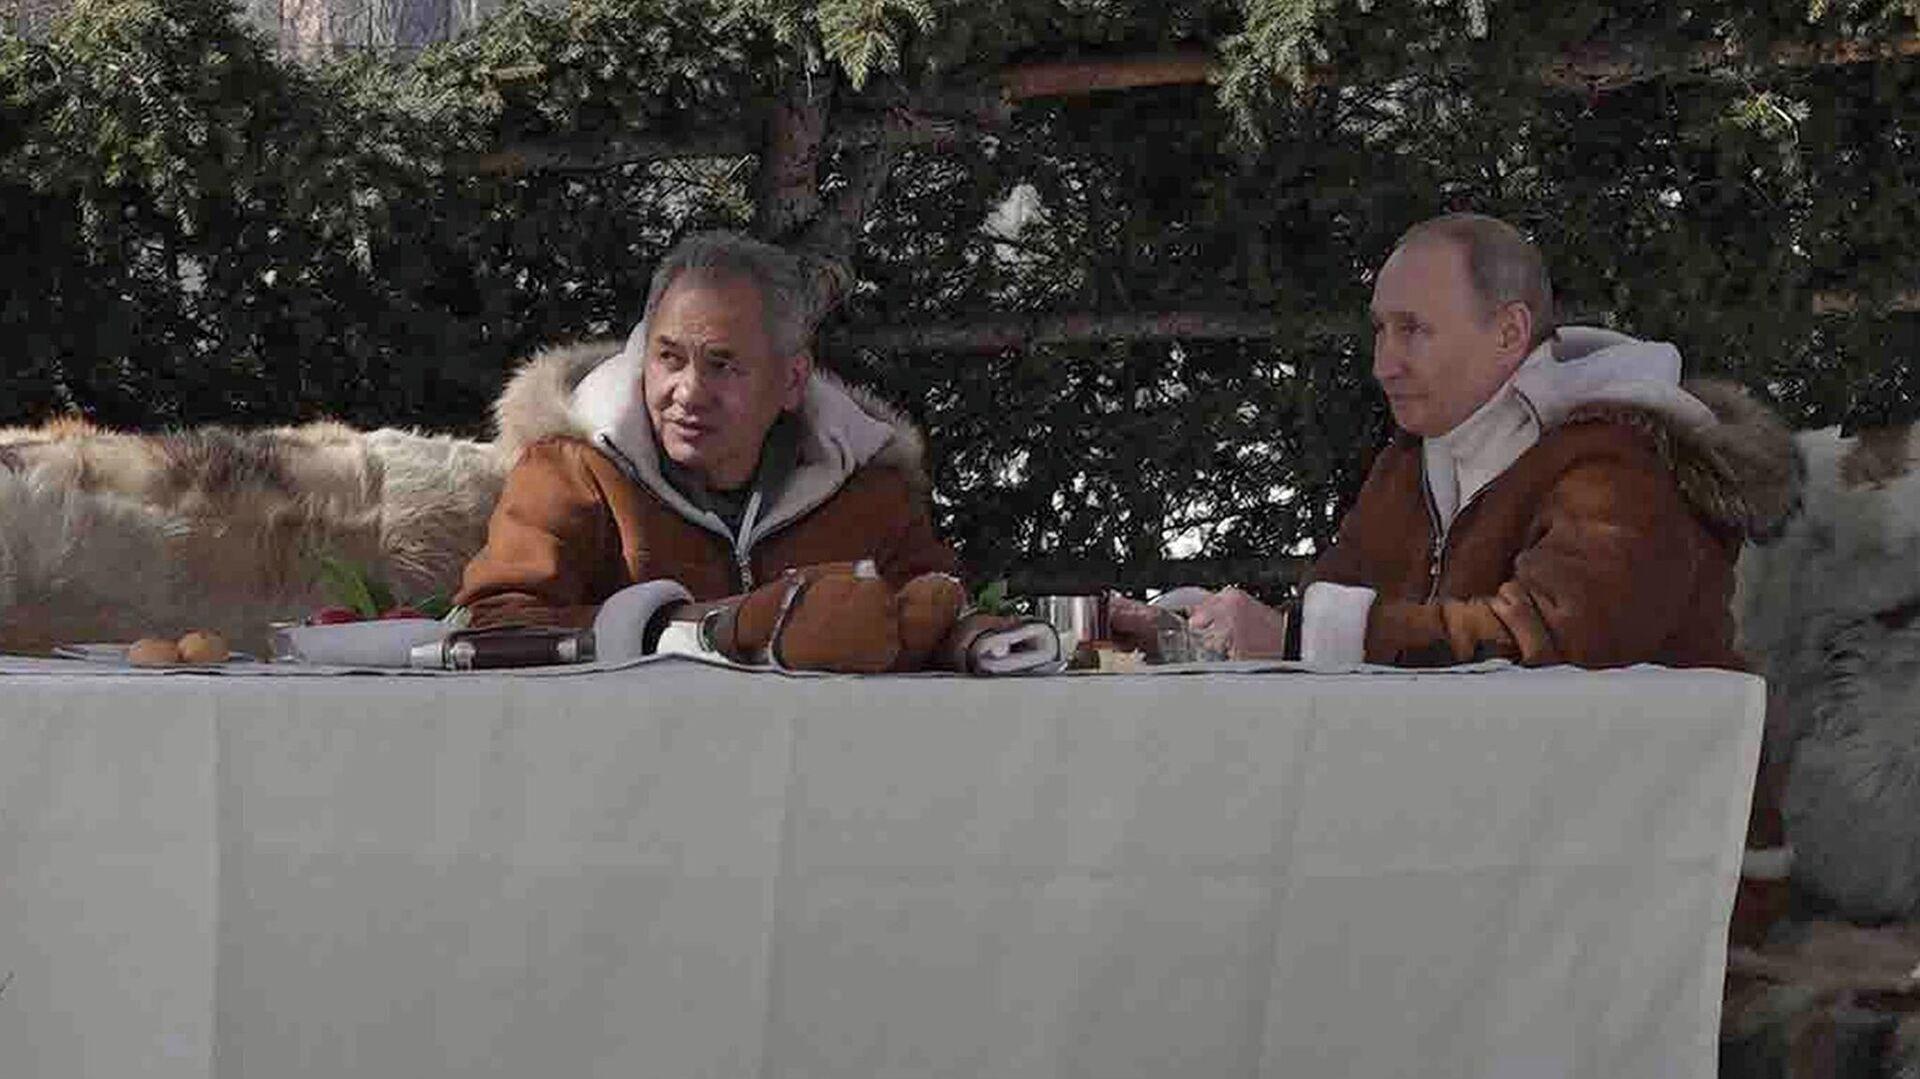 Президент РФ Владимир Путин и министр обороны РФ Сергей Шойгу во время отдыха в тайге - РИА Новости, 1920, 23.03.2021